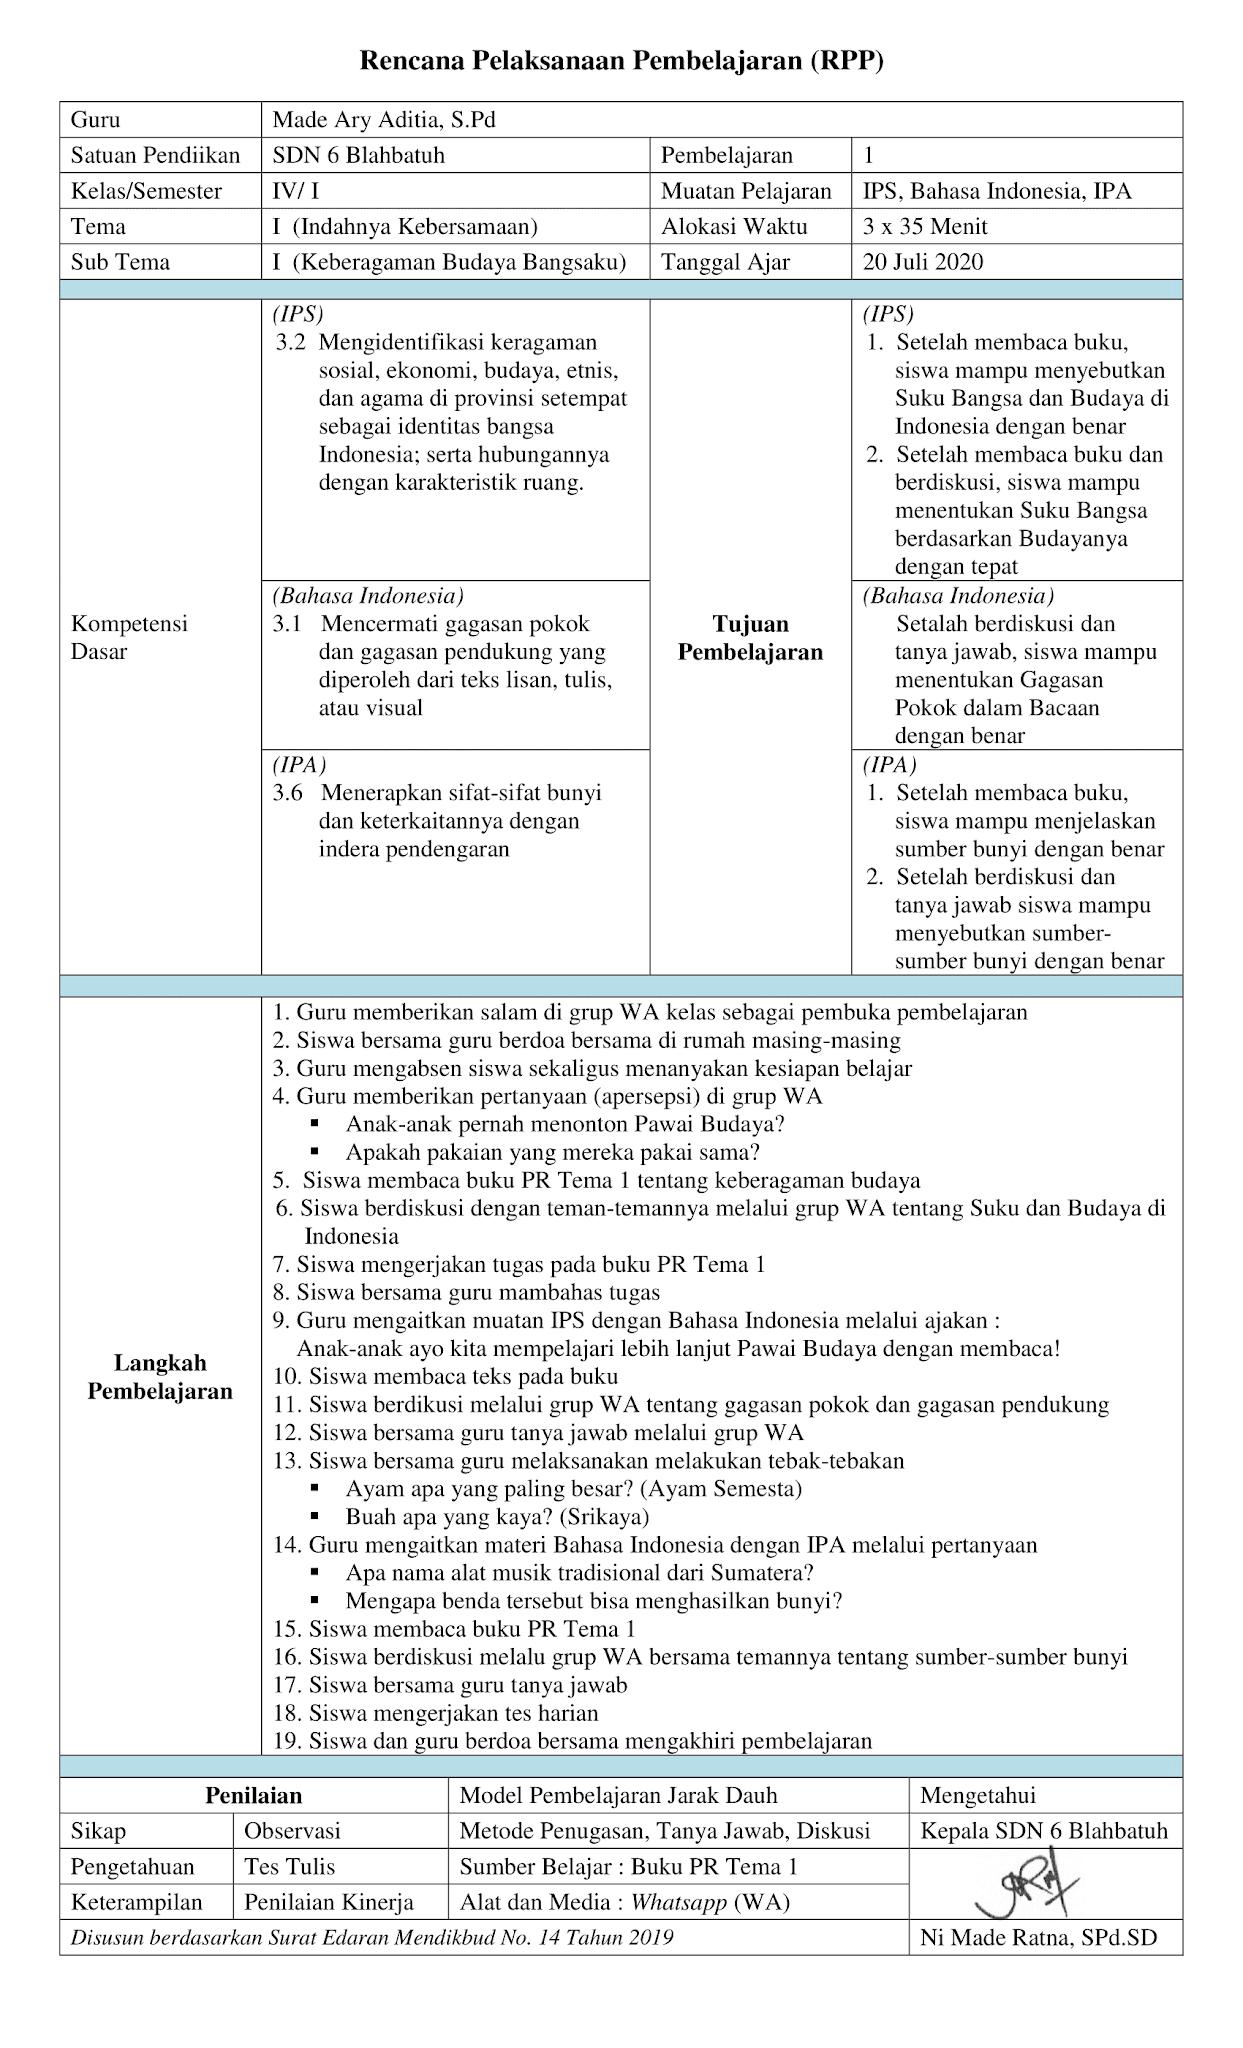 Contoh RPP Daring 1 Lembar Kelas IV